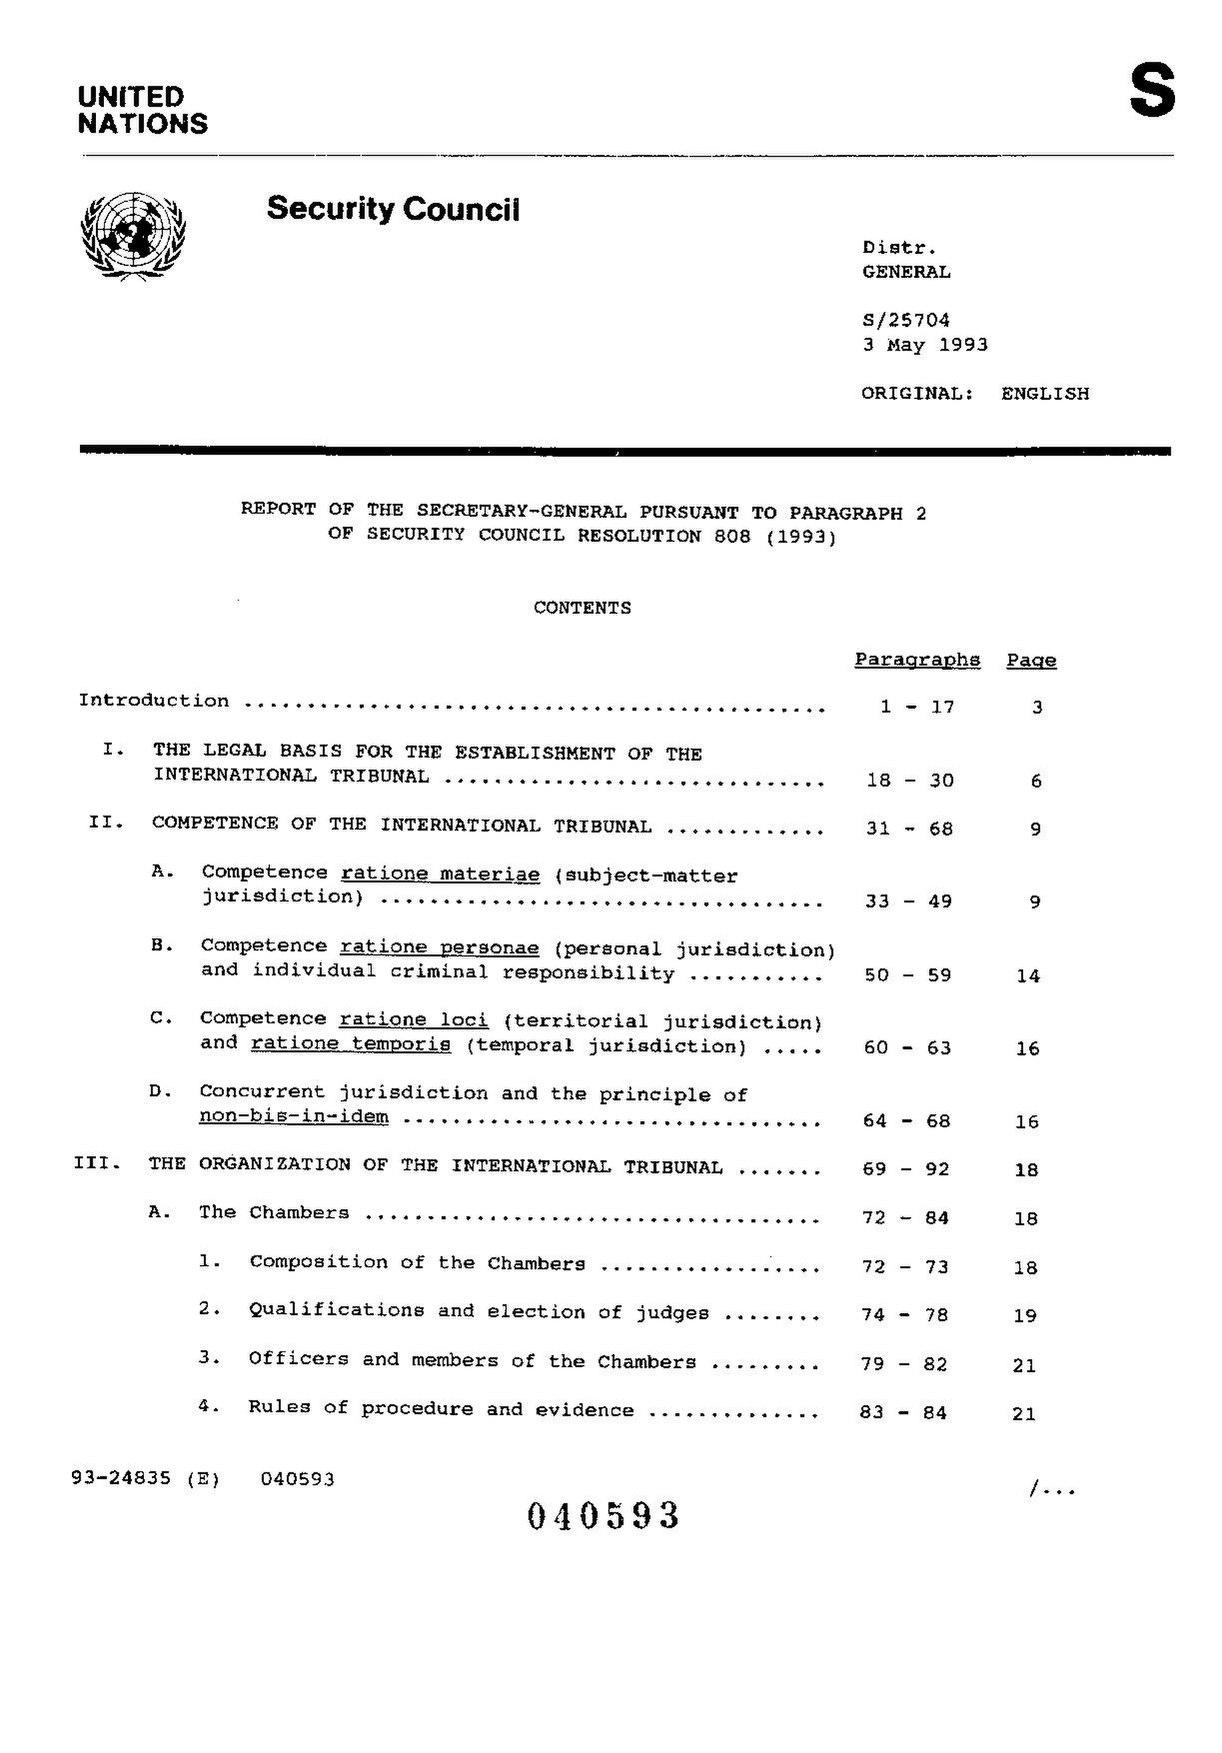 File Un Secretary General Report S